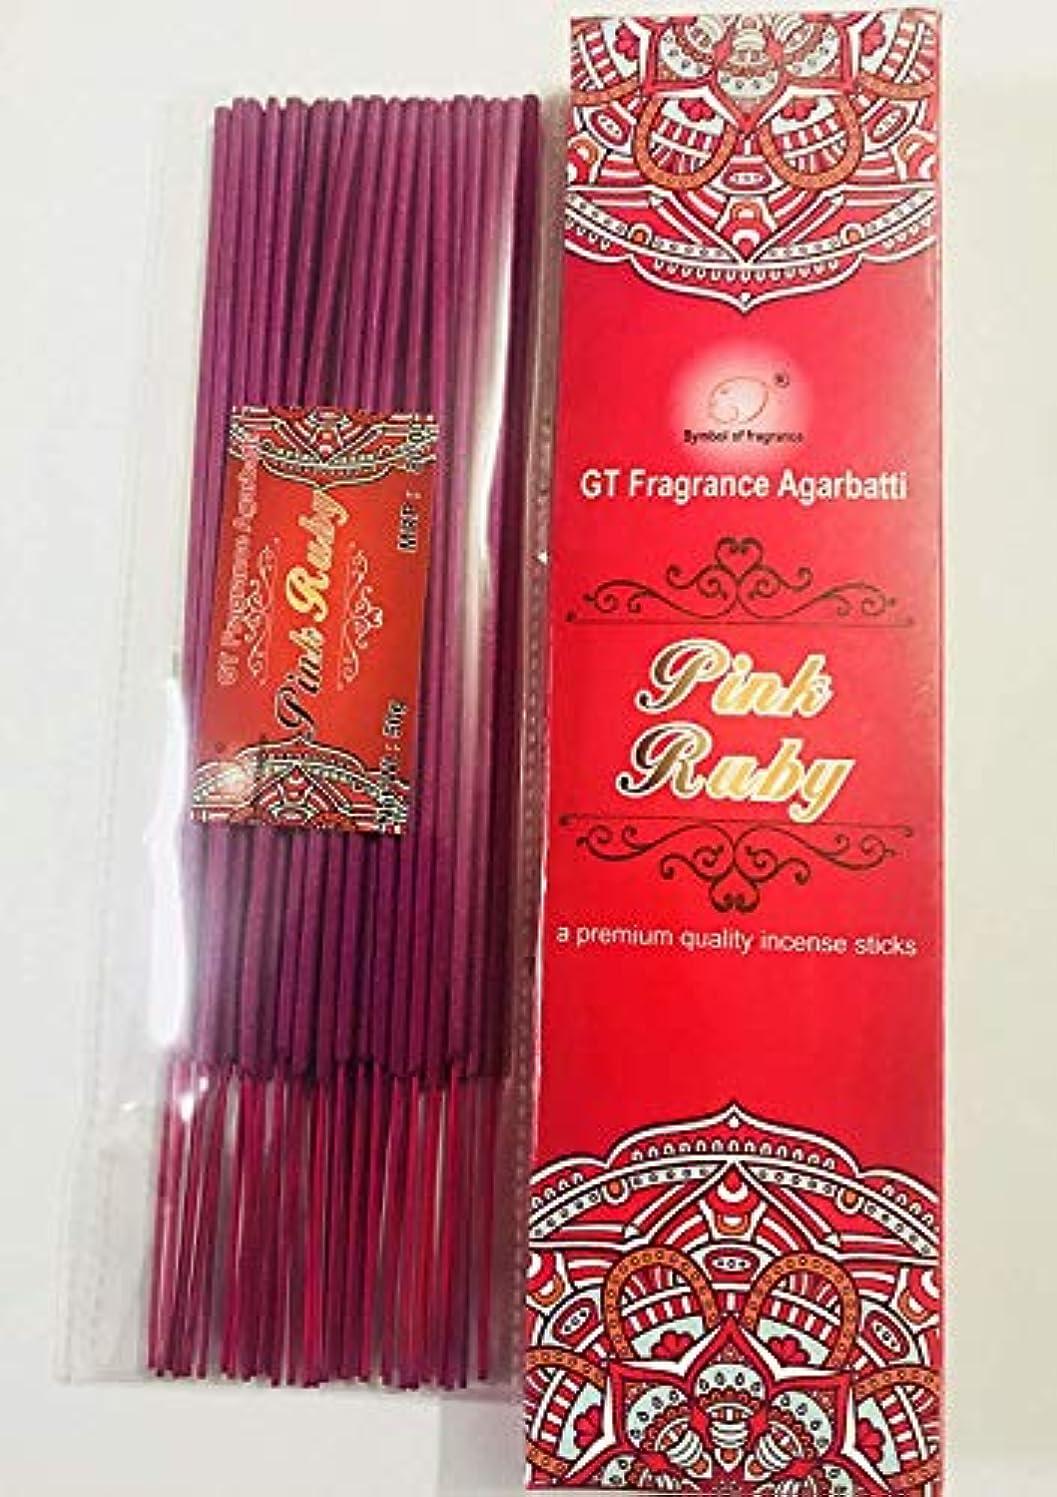 気質アソシエイトルビーPink Ruby. Bundle of 2 Packs, a Premium Quality Incense sticks-100g